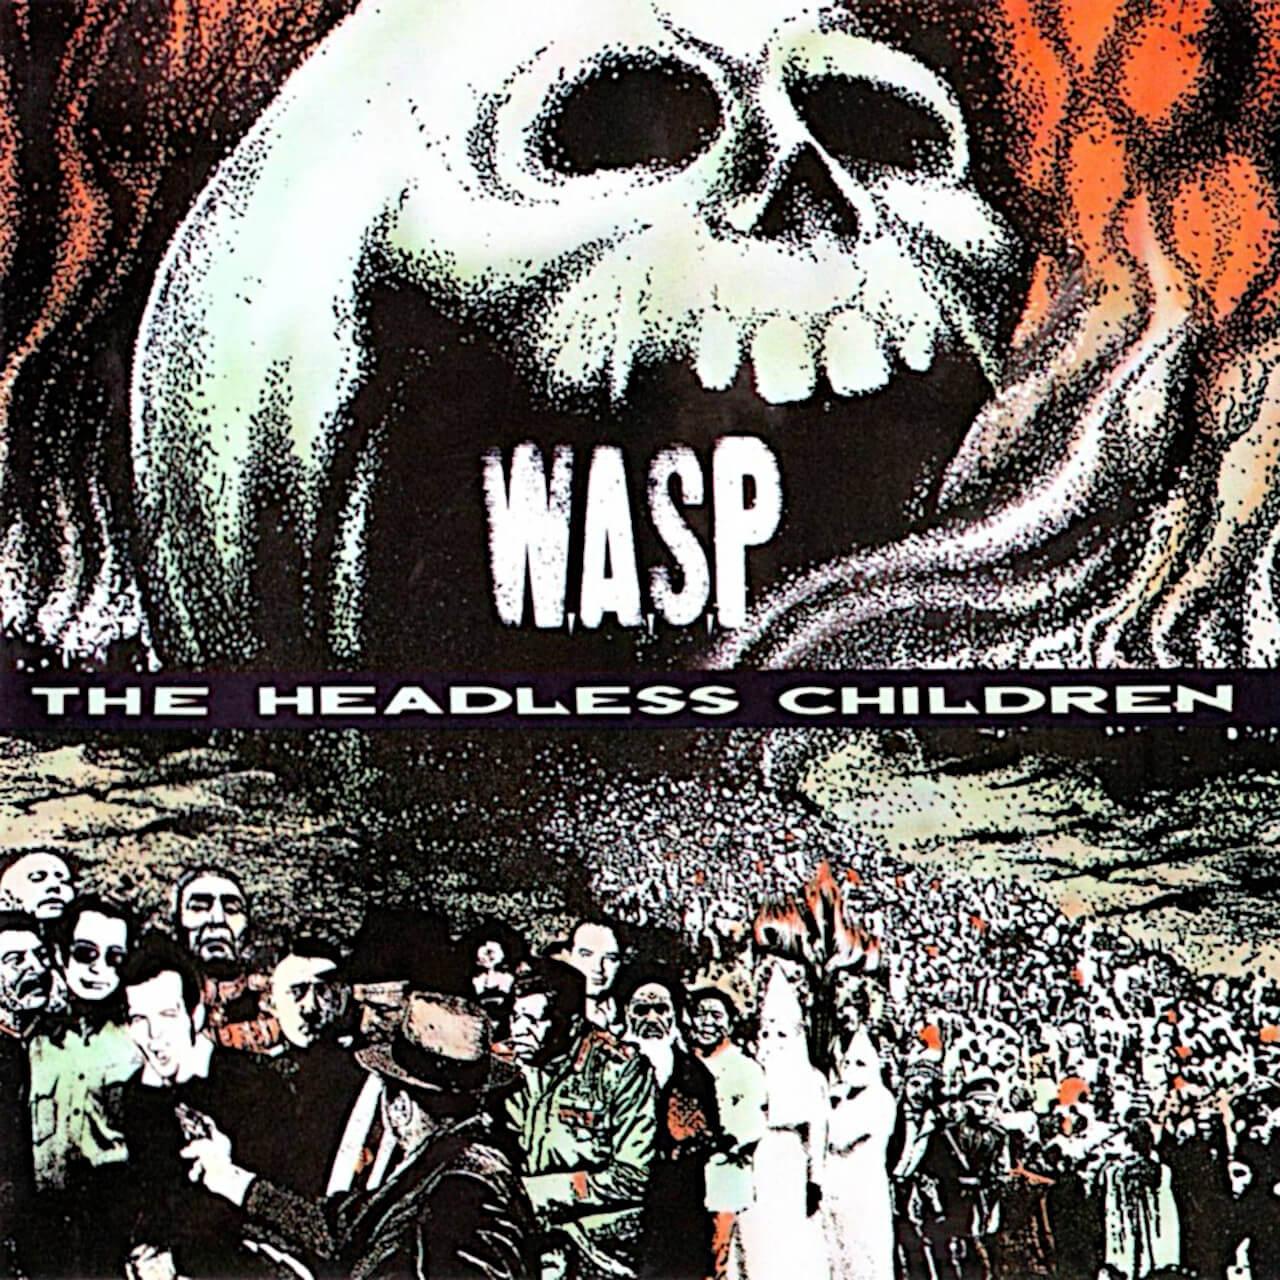 W.A.S.P. Nens sense sentit